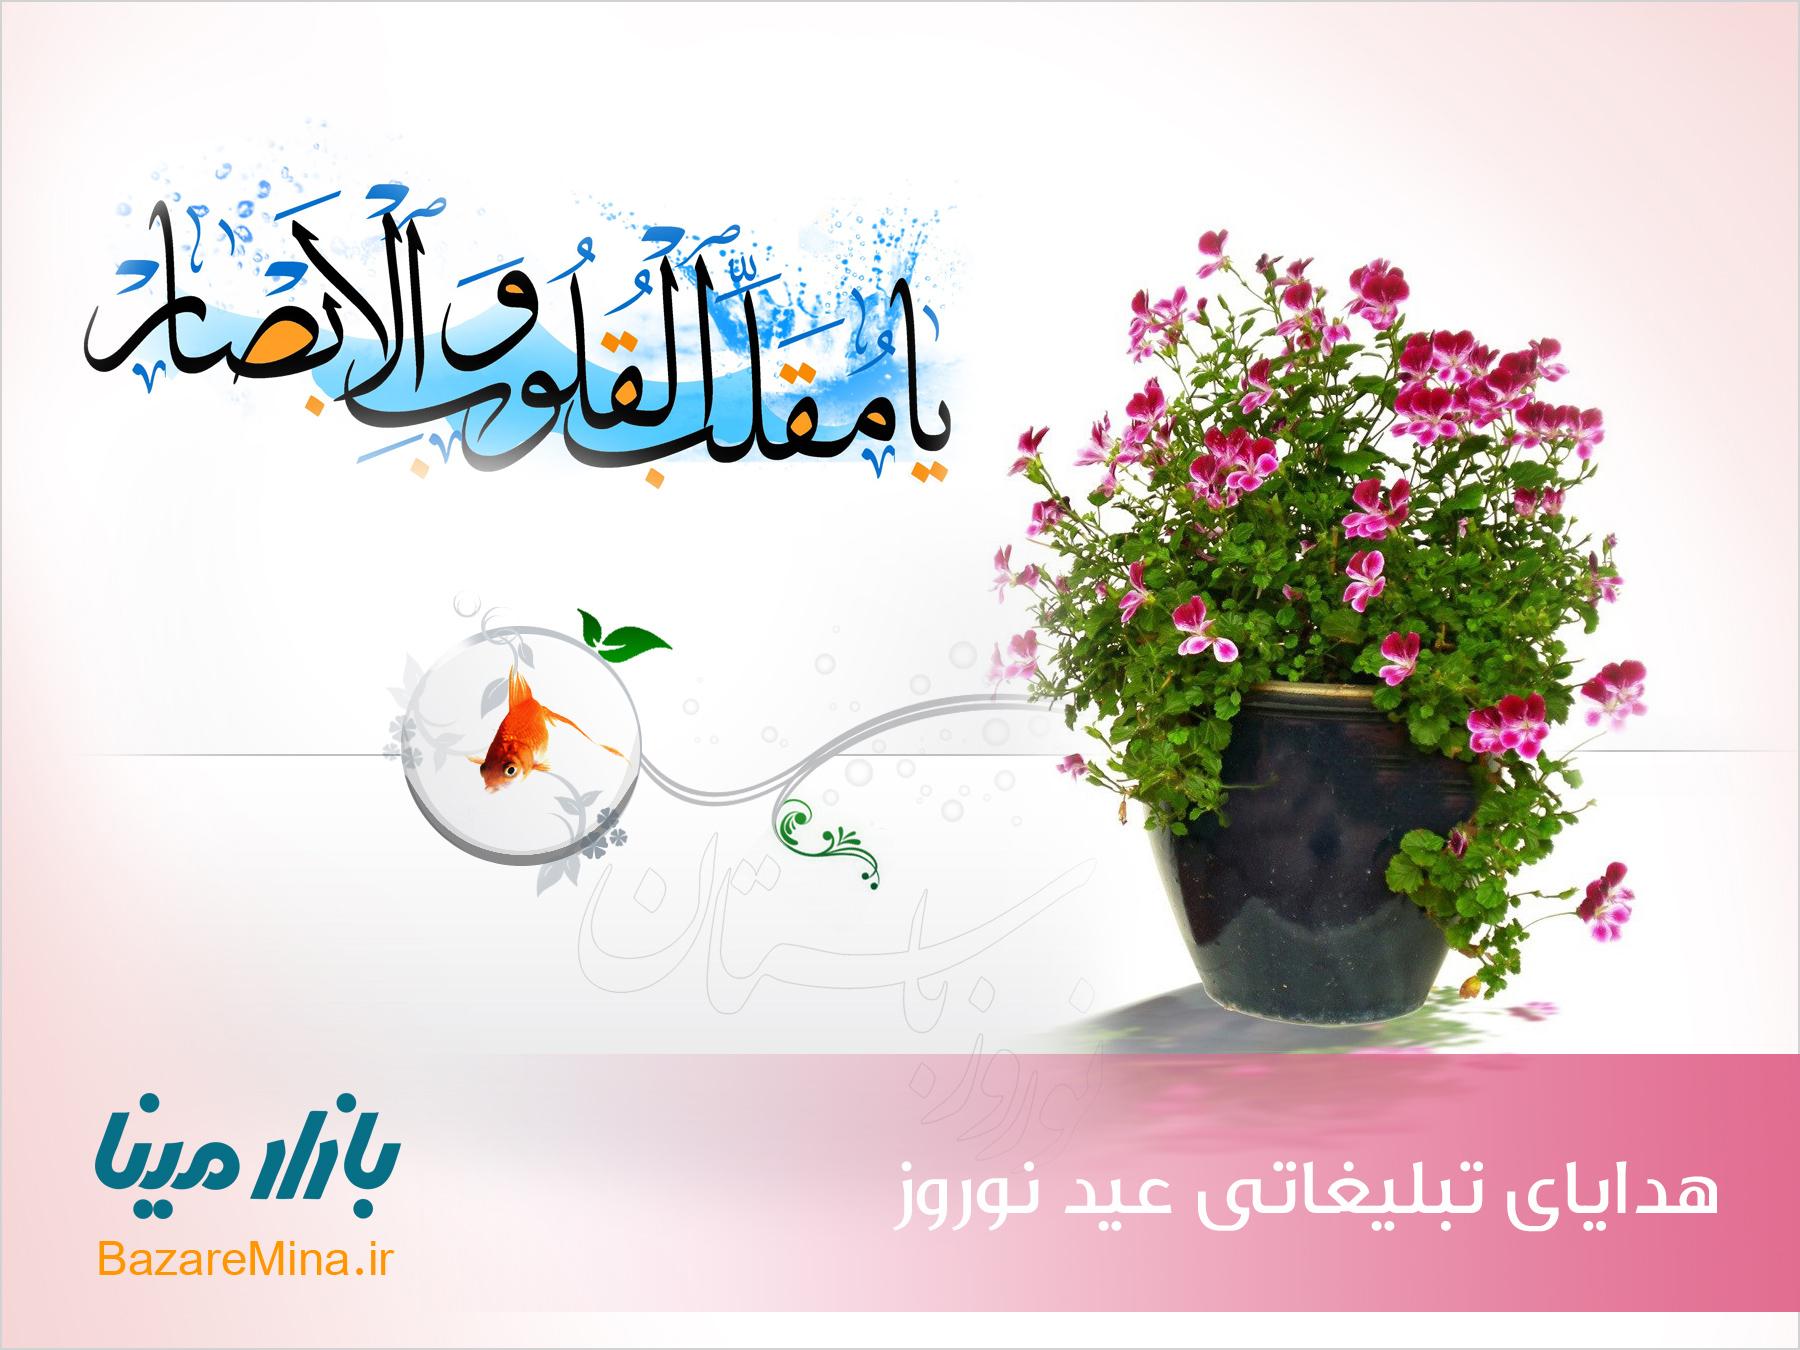 هدیه تبلیغاتی عید نوروز